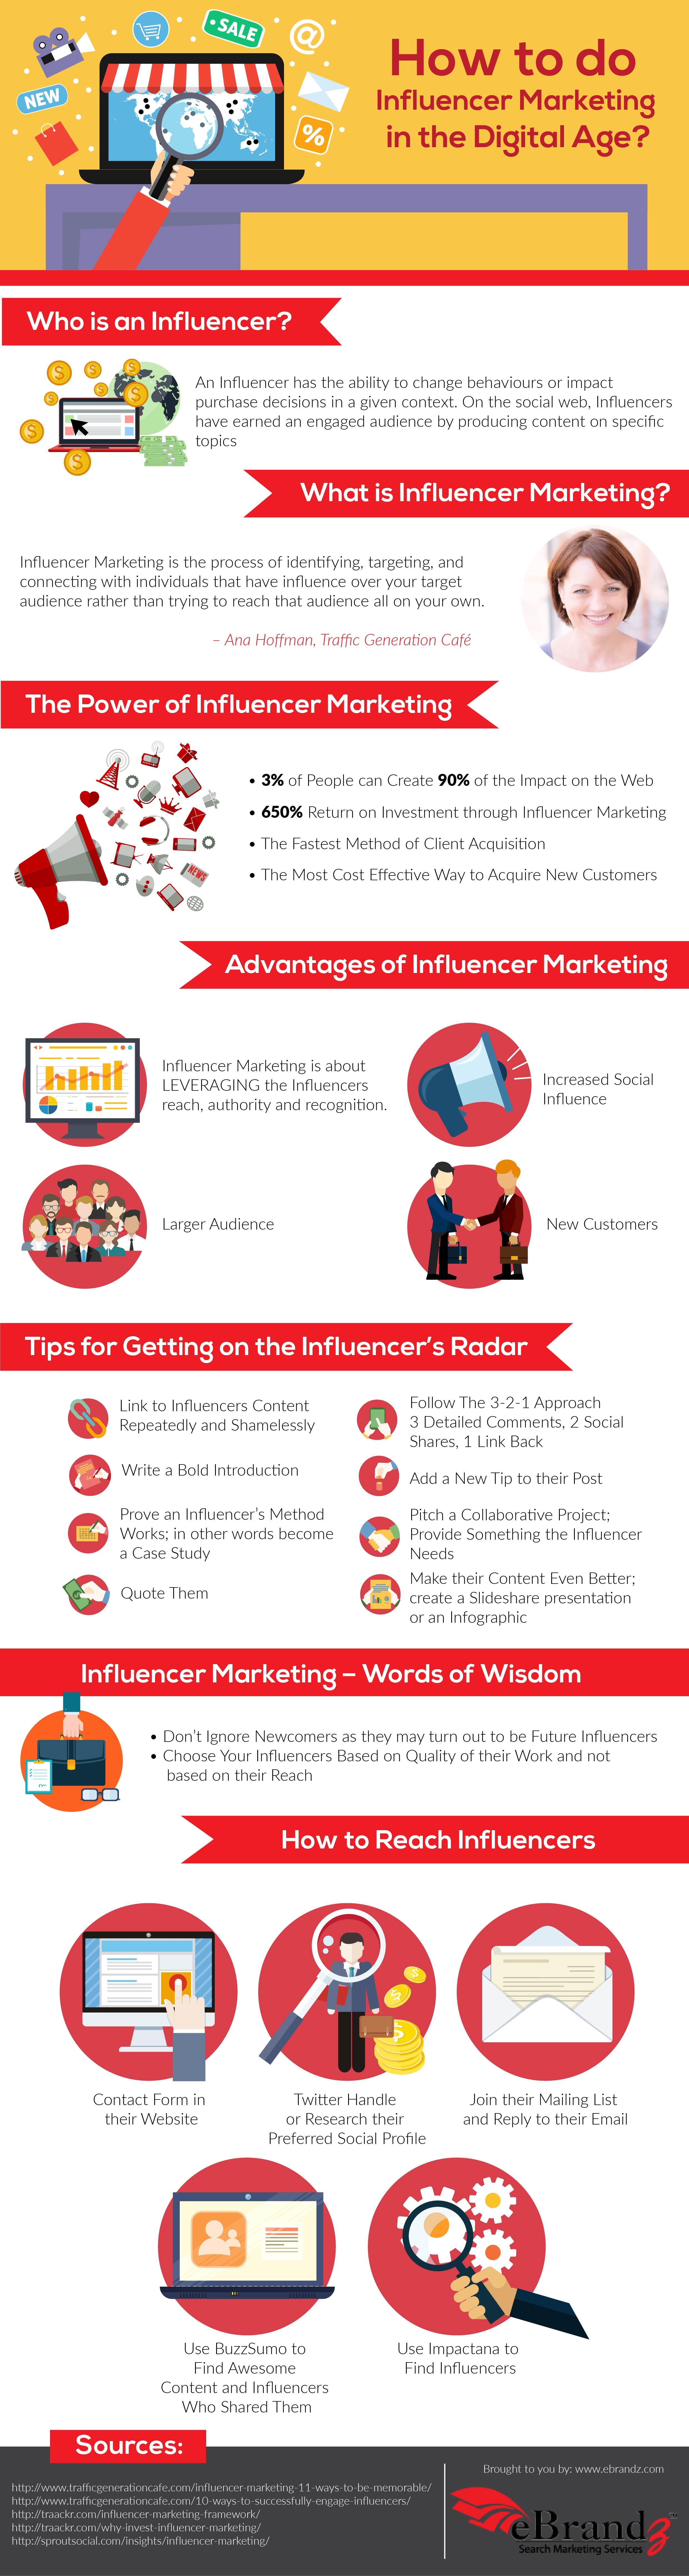 Hoe werkt influencer marketing